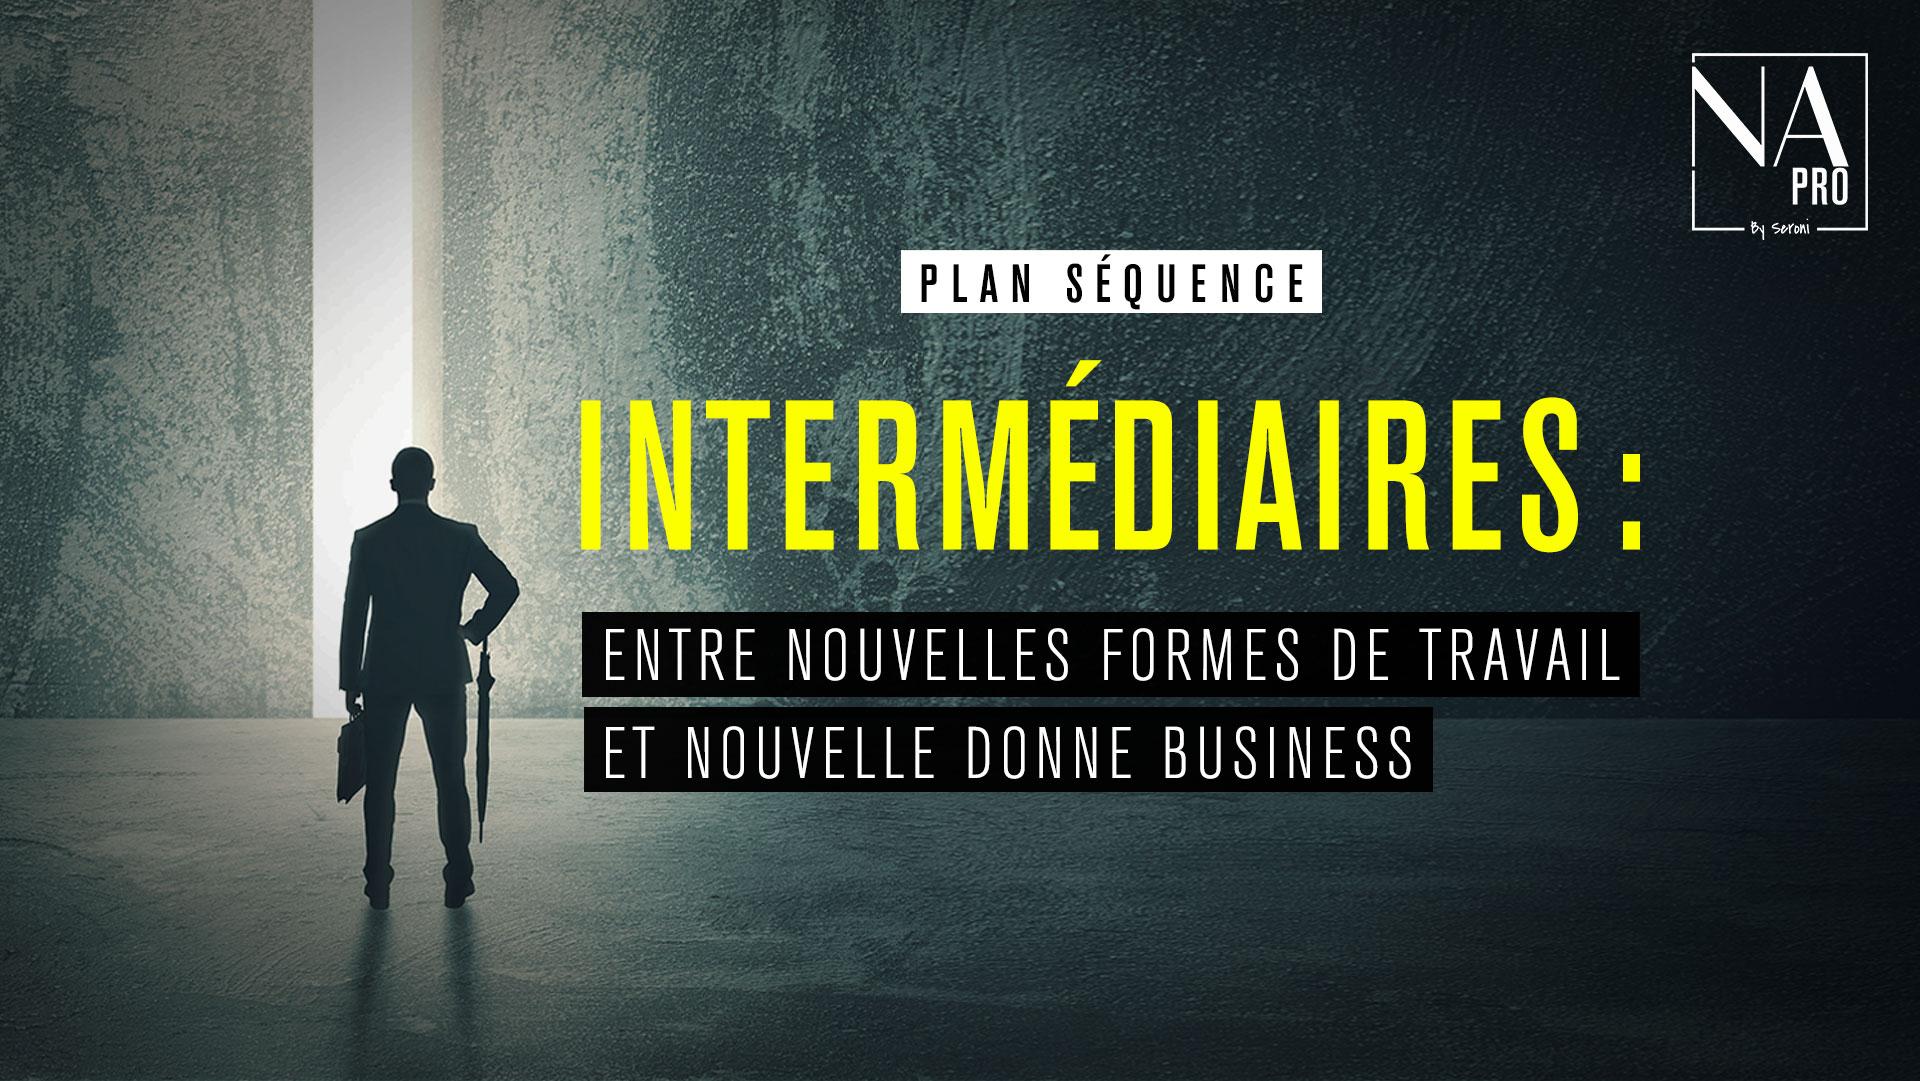 Plan séquence - Intermédiaires : Entre nouvelles formes de travail et nouvelle donne business